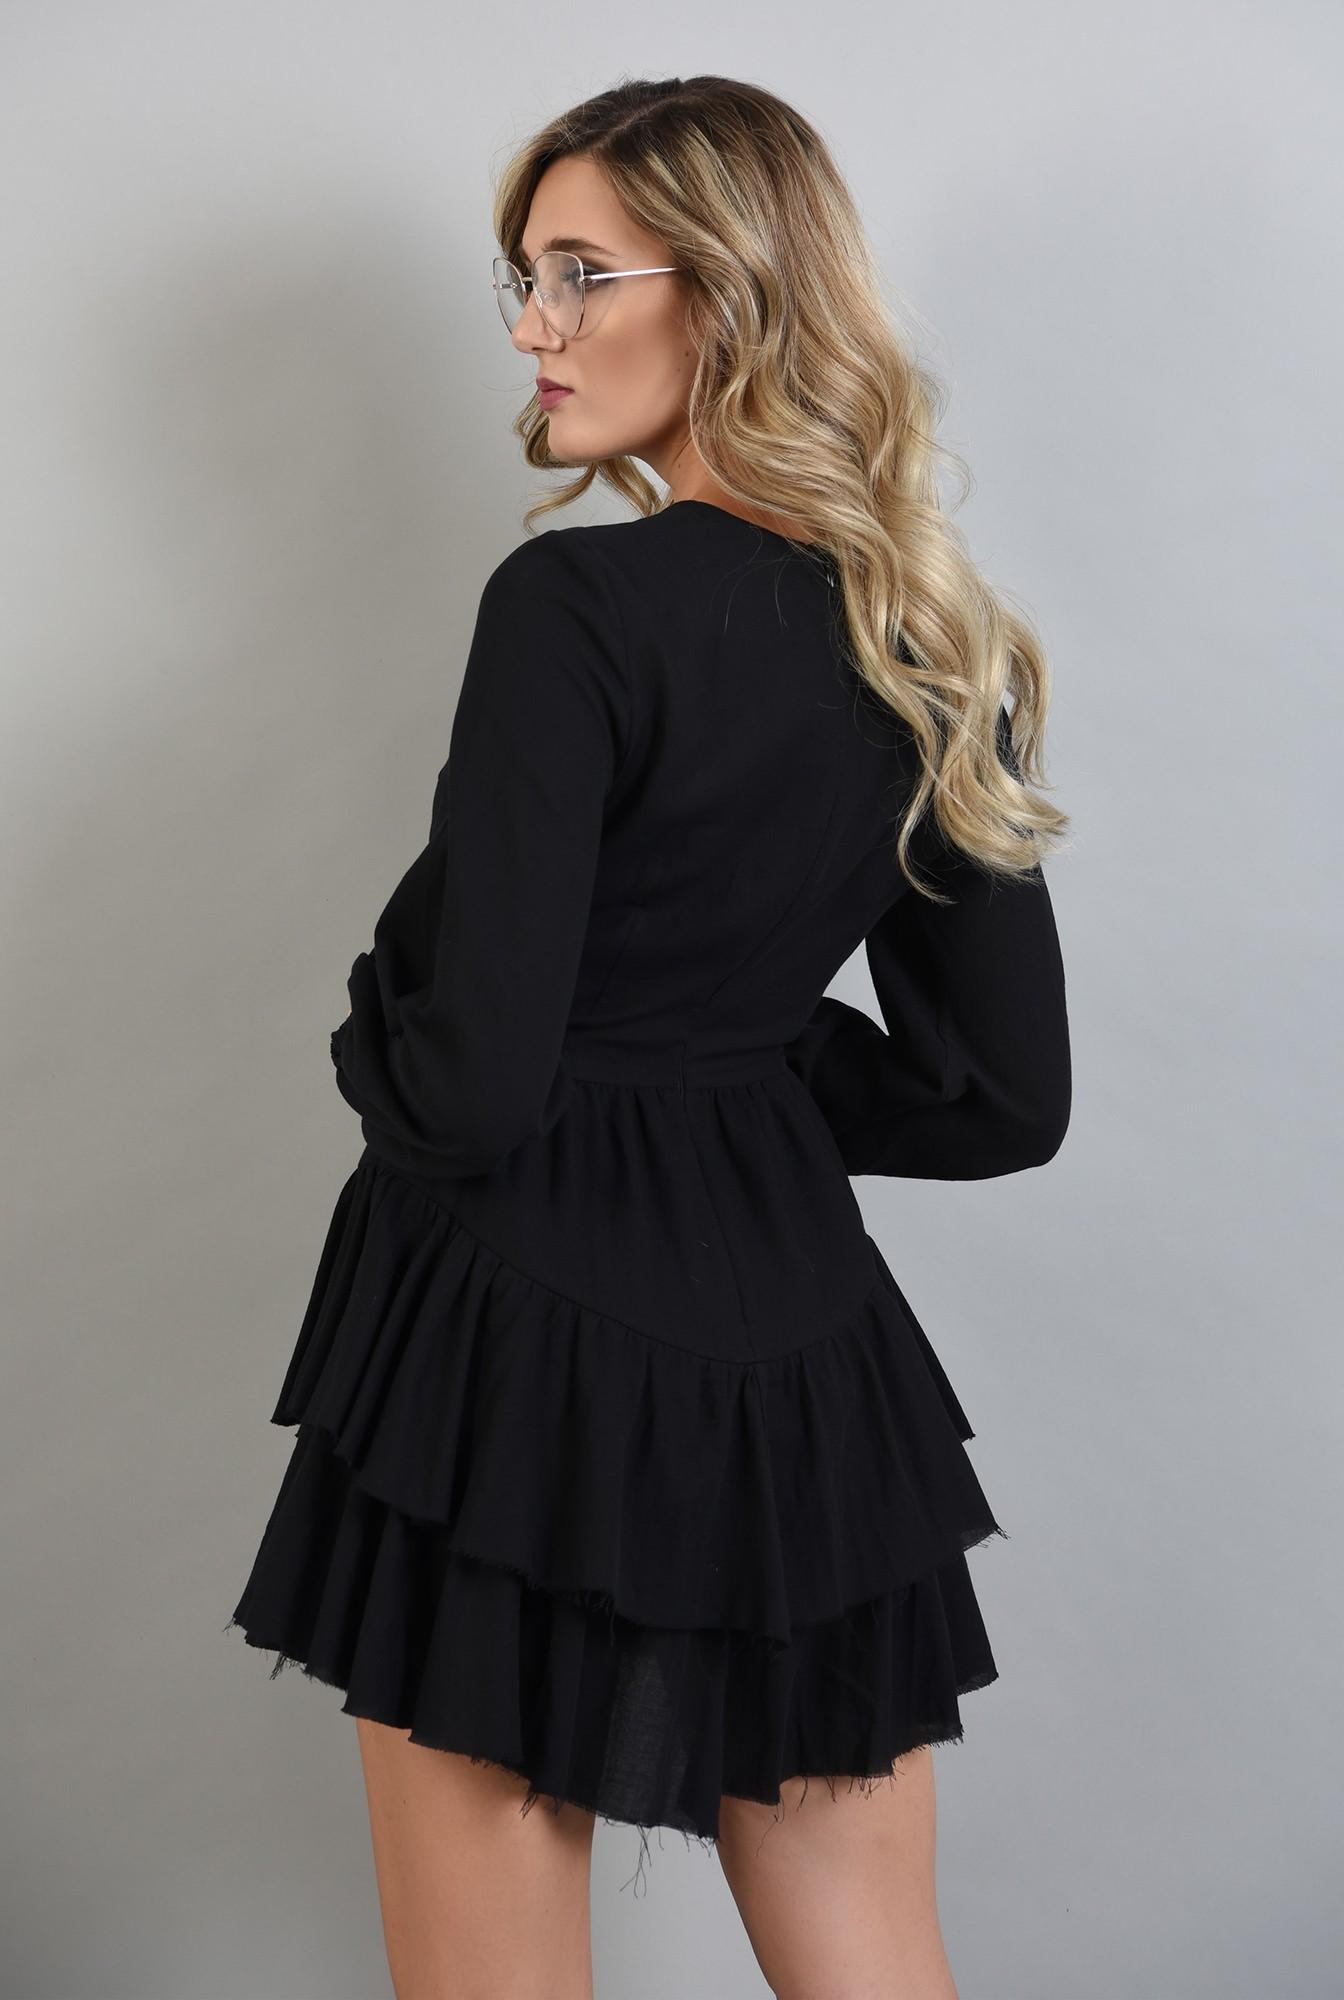 1 - rochie neagra cu volane, maneci bufante, Poema